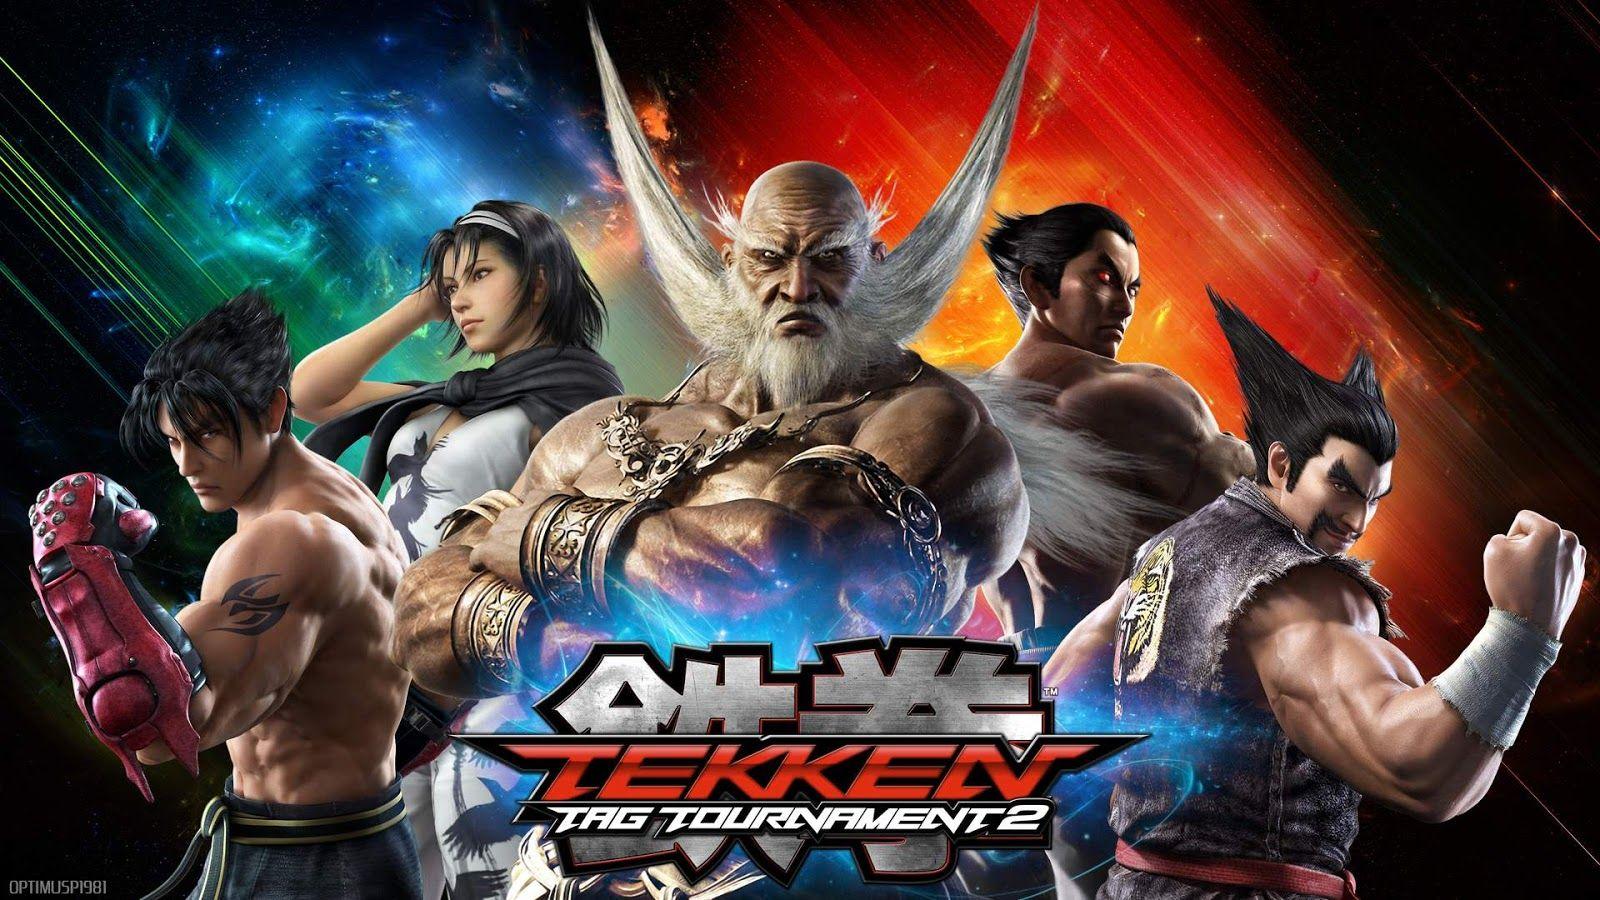 tekken tag tournament 2 ps3 download